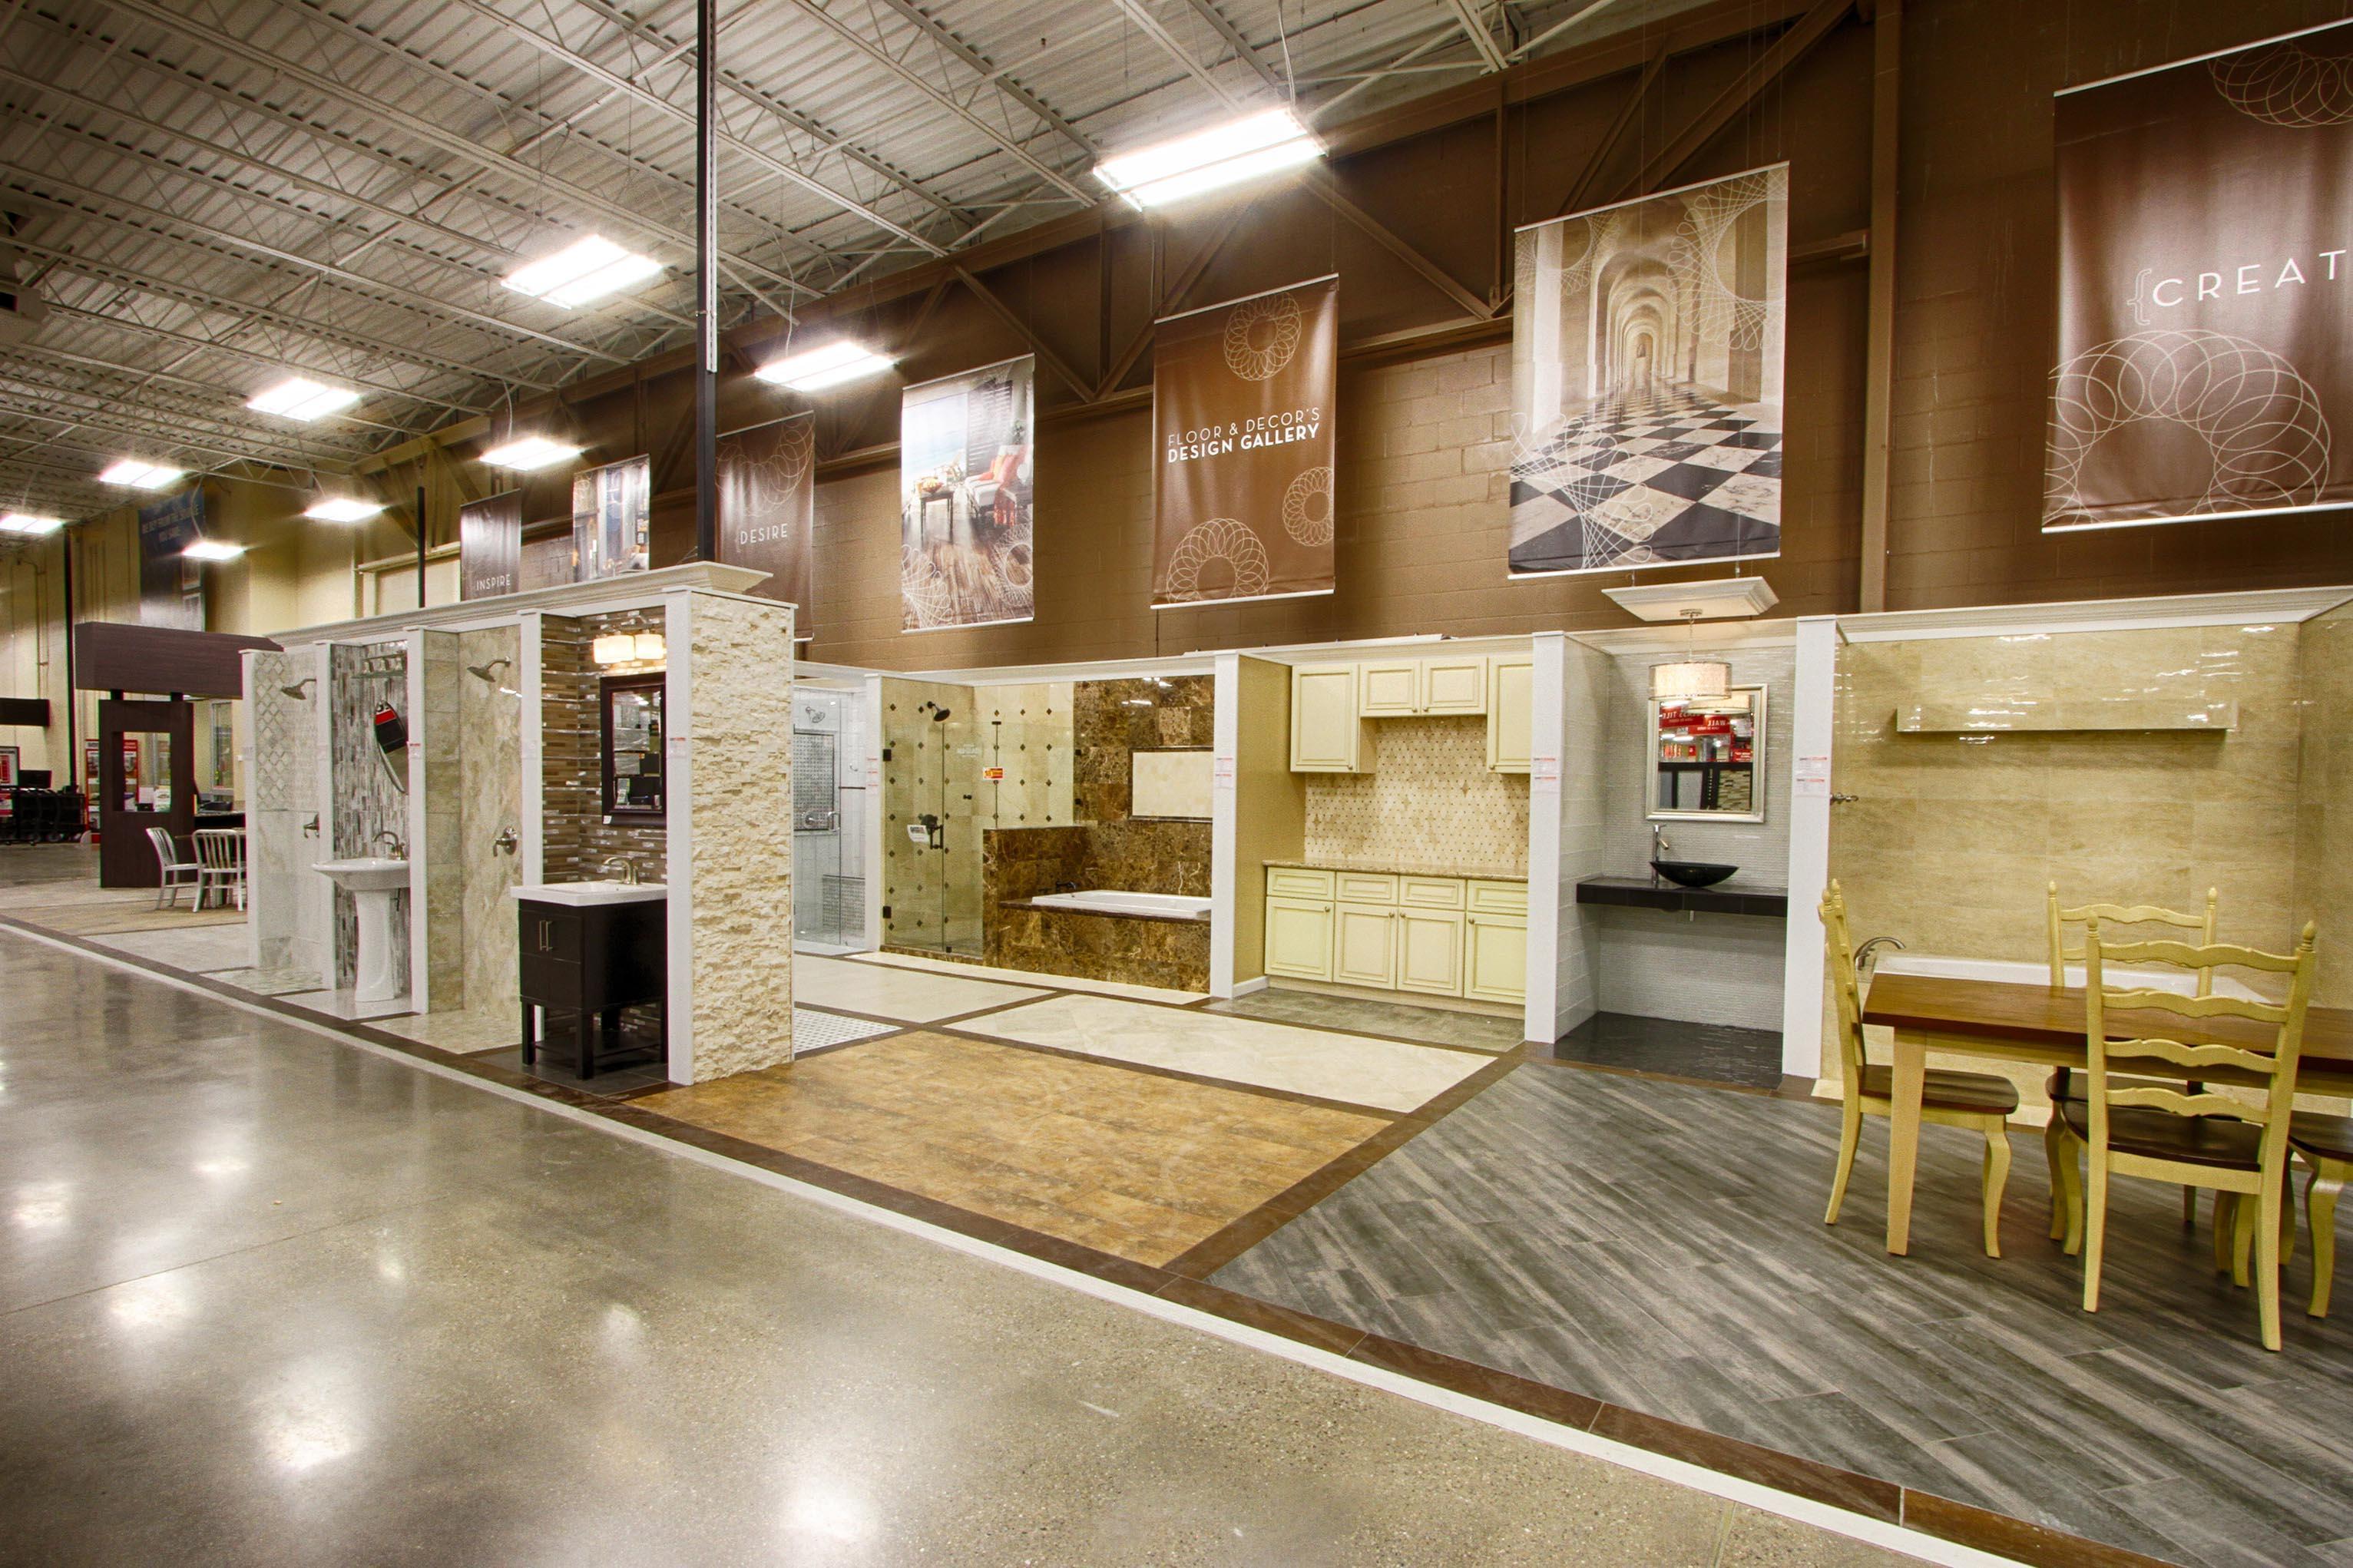 Floor & Decor image 14